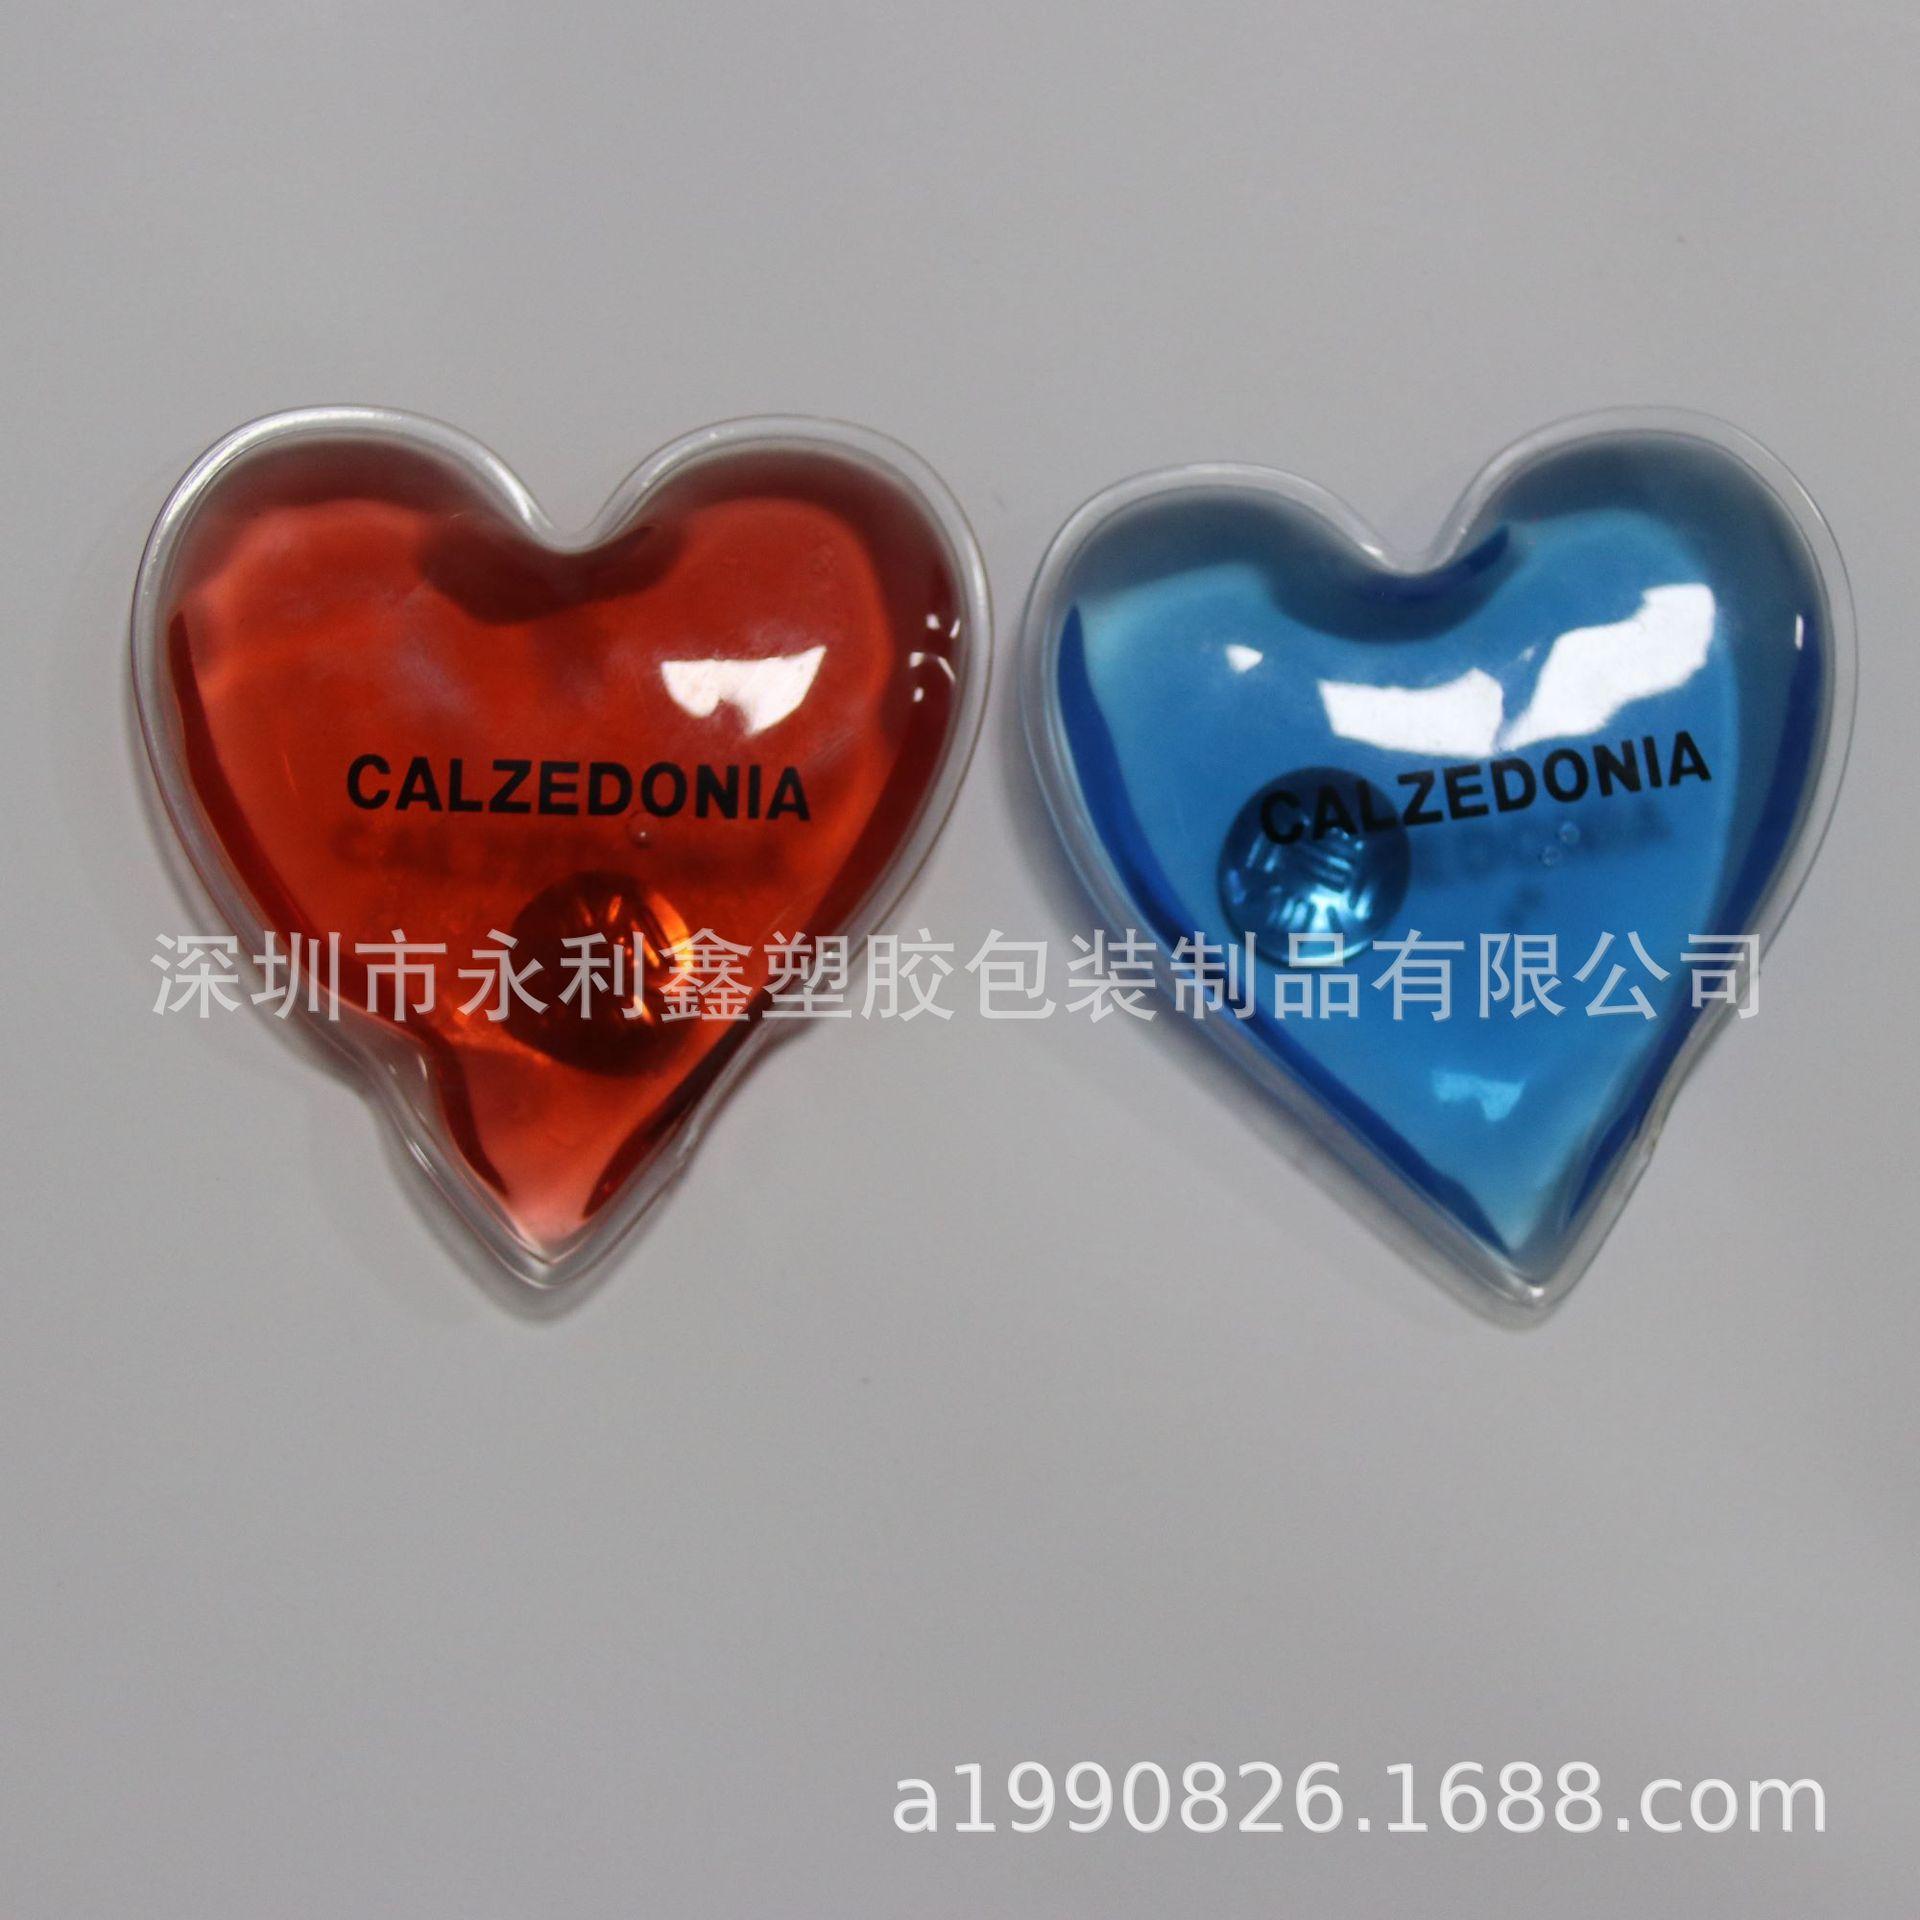 迷你铁片热袋 PVC热宝 暖手宝可定制任何图案 深圳源头厂家